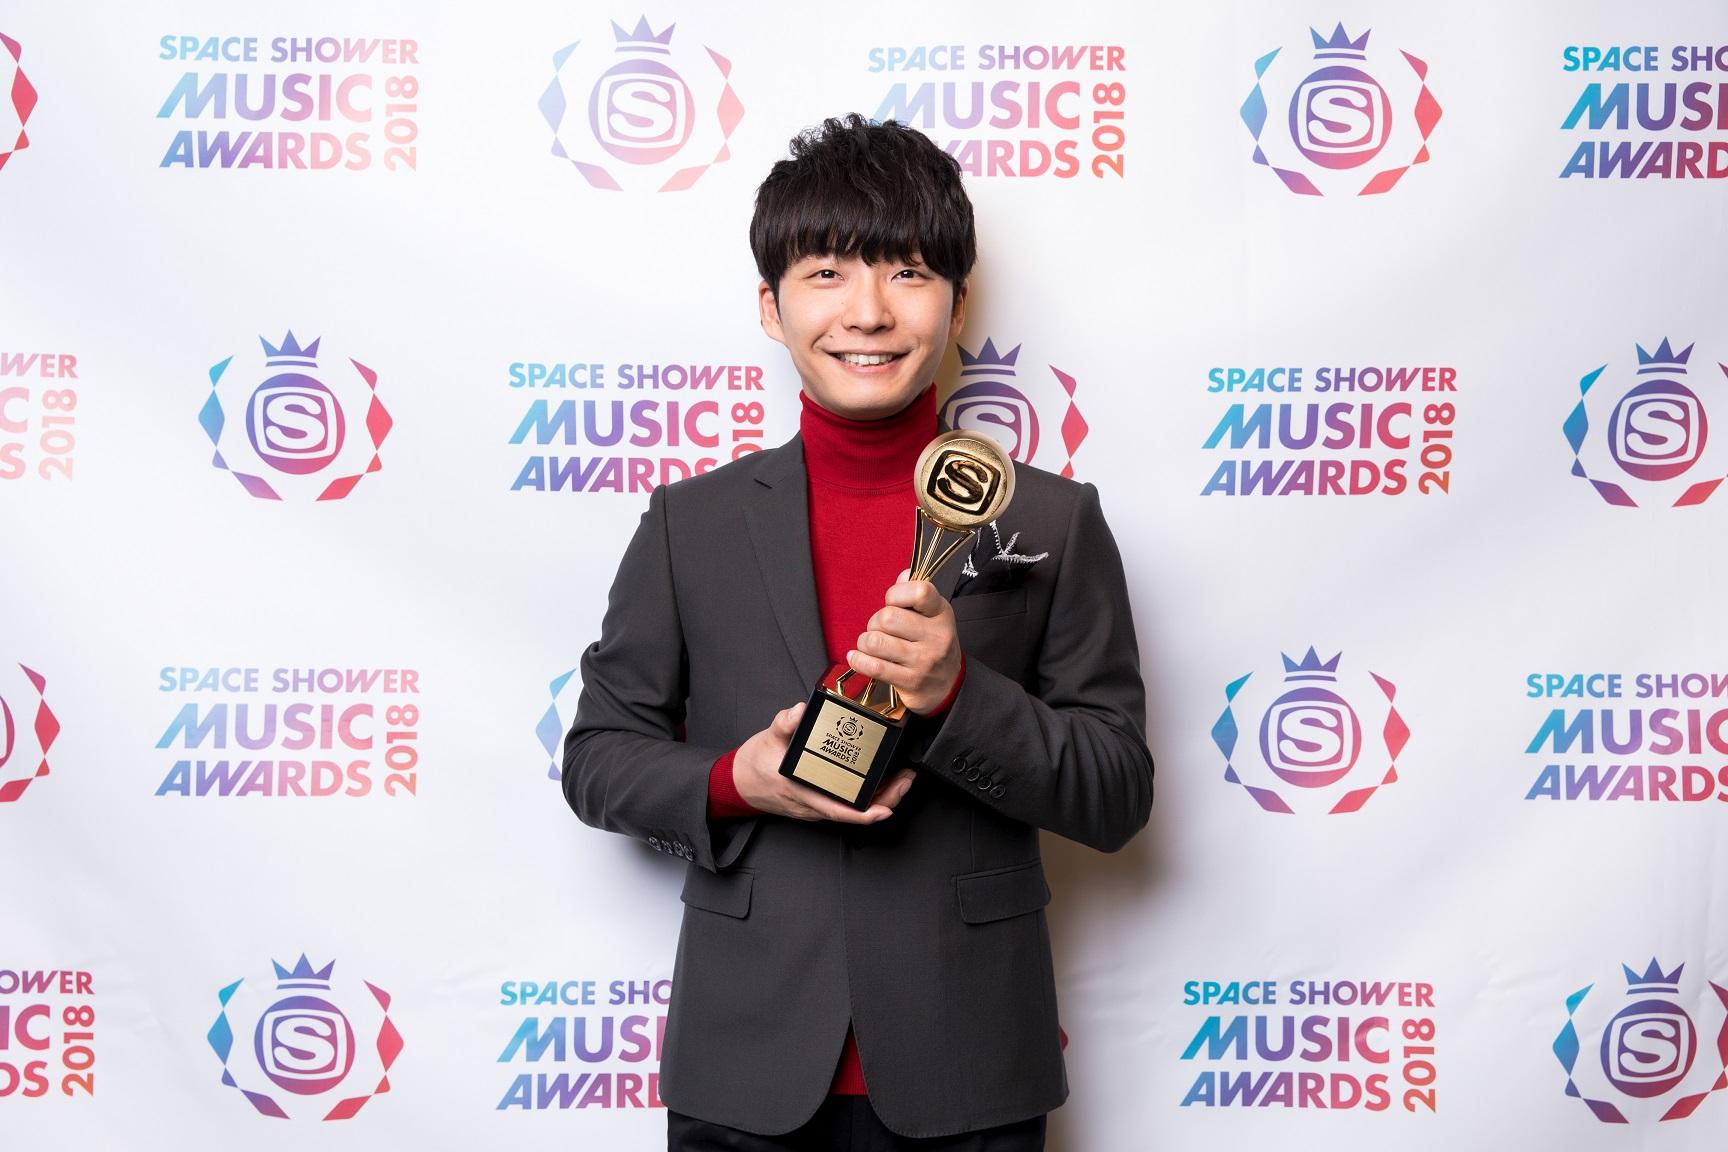 星野源 - SPACE SHOWER MUSIC AWARDS 2018